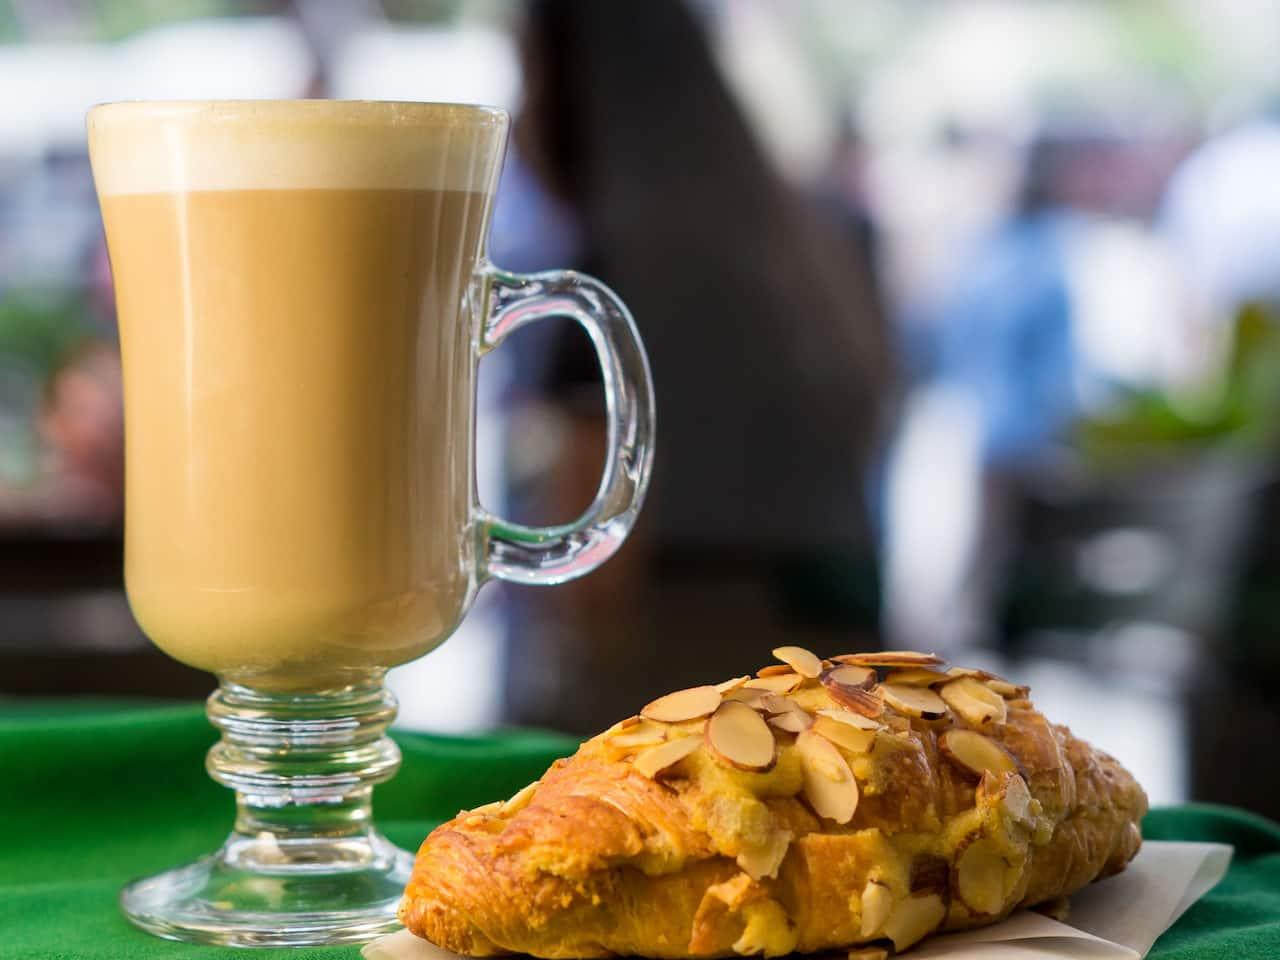 Latte Croissant